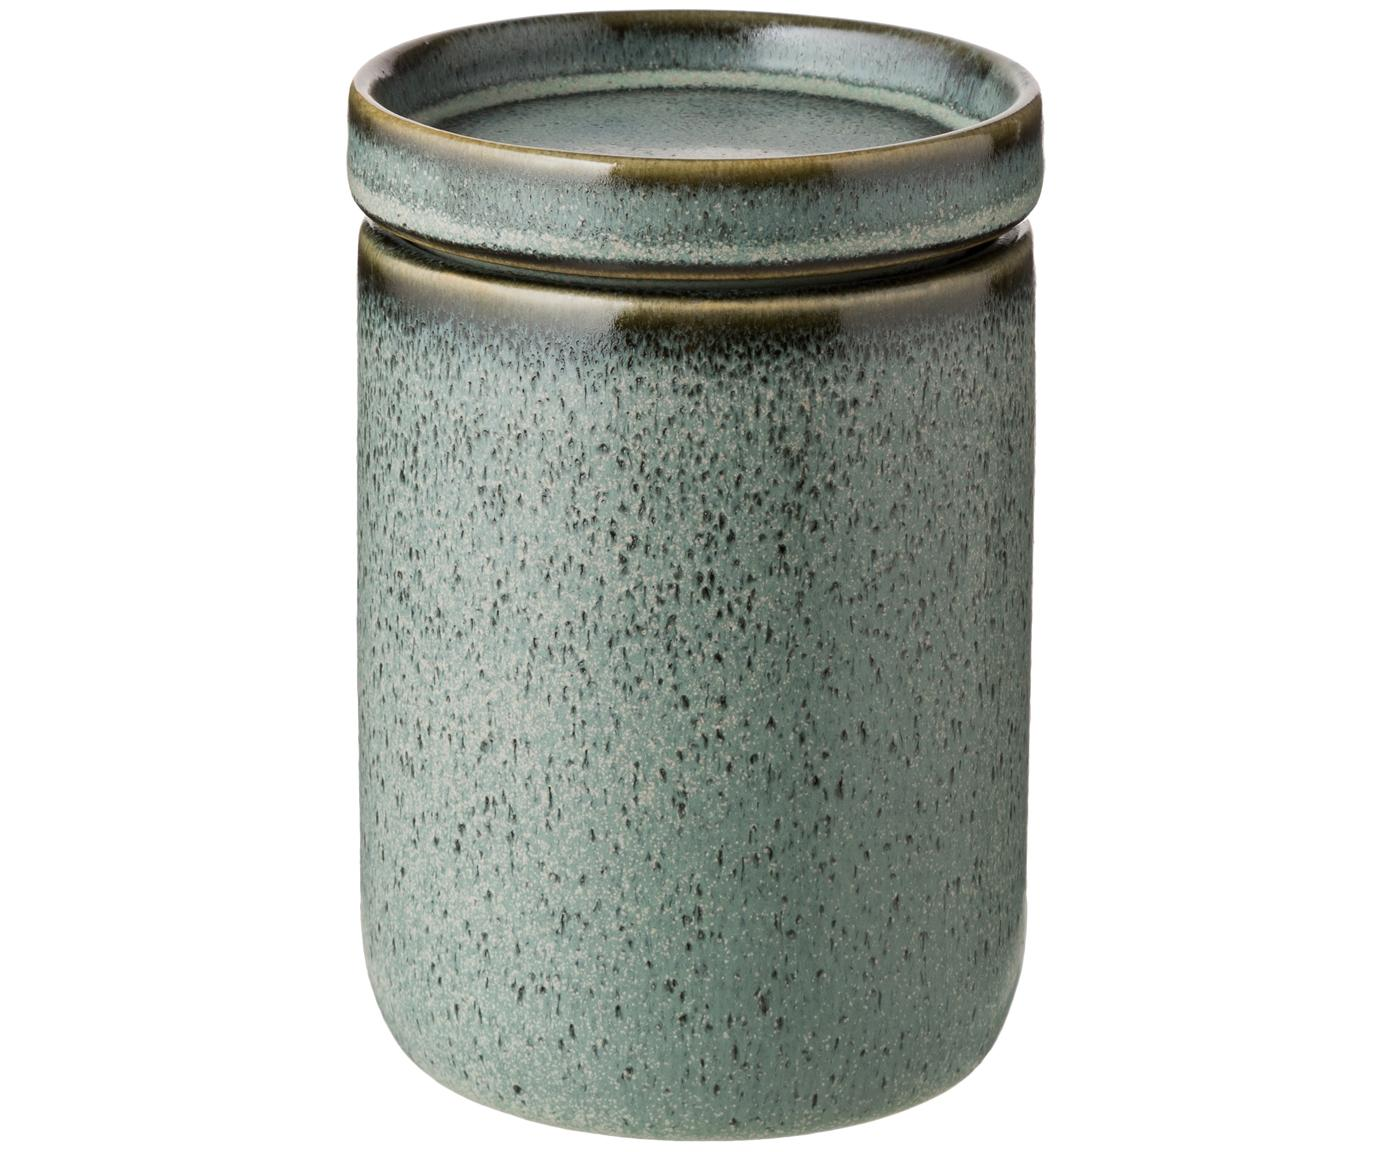 Pojemnik do przechowywaniaMila, Ceramika szkliwiona, Szarozielony, Ø 10 x W 11 cm